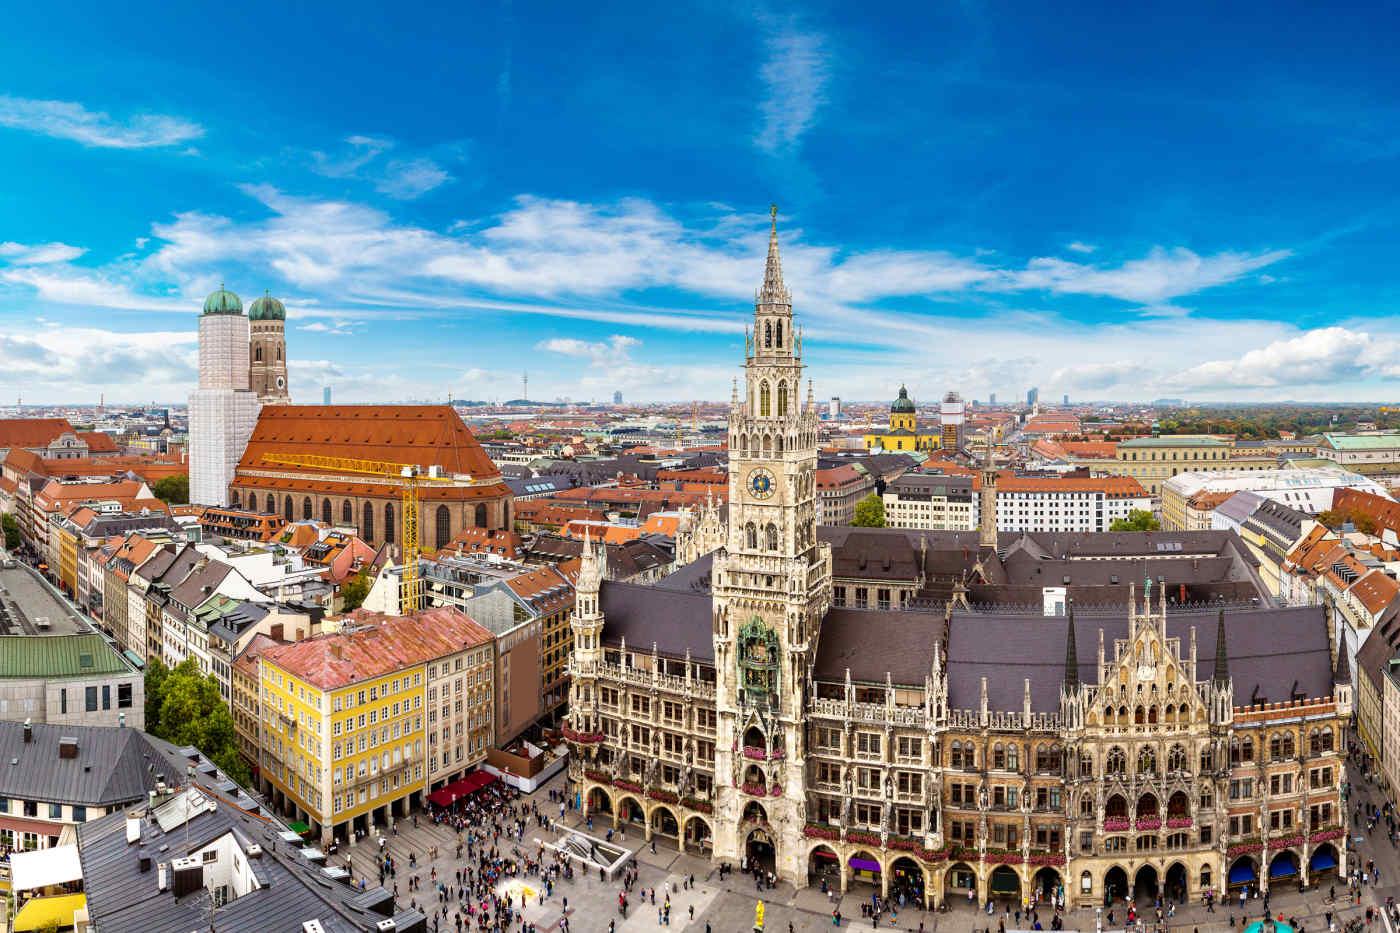 Munich • Marienplatz